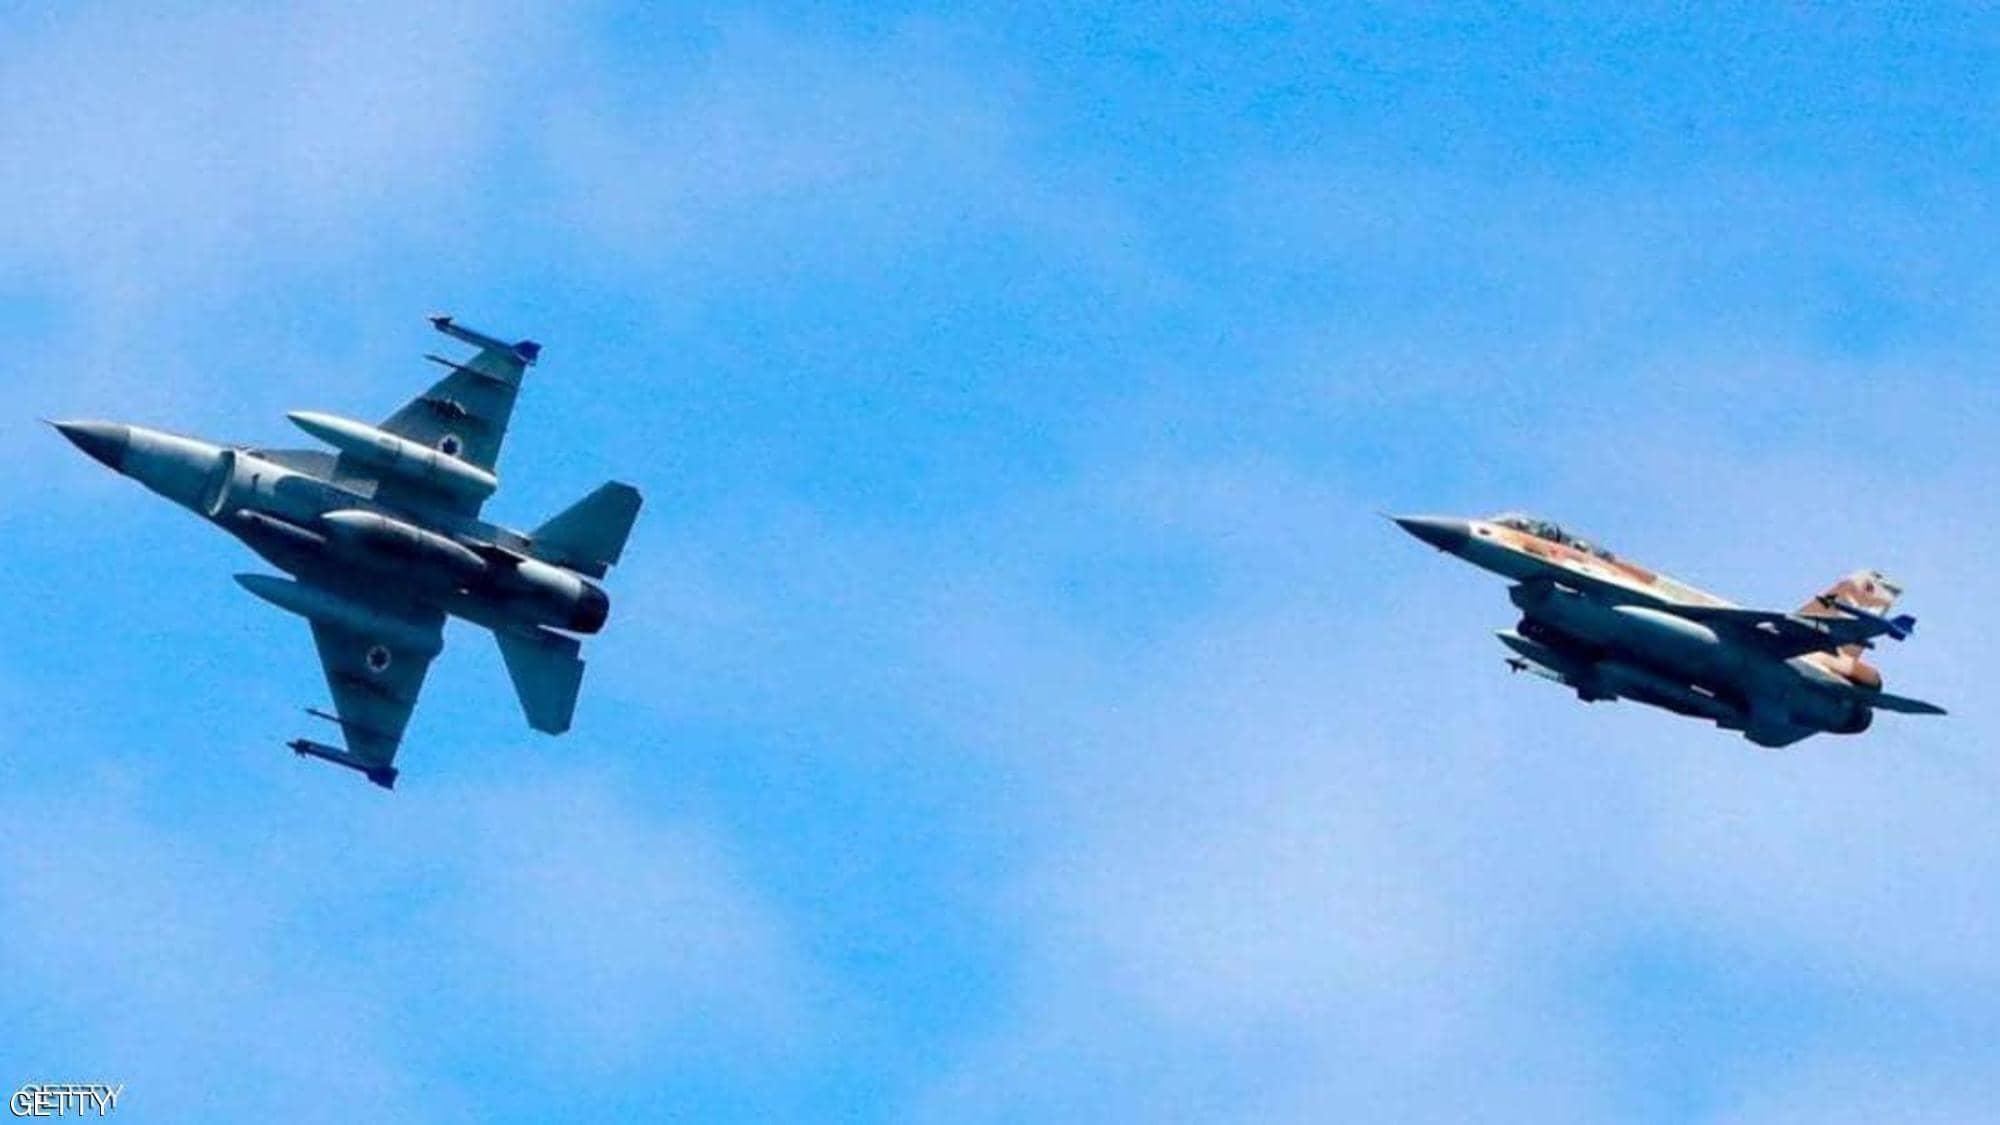 تركيا تعلن إصابة ٥٠٠ هدف خلال عمليتها العسكرية في إقليم كوردستان ونينوى